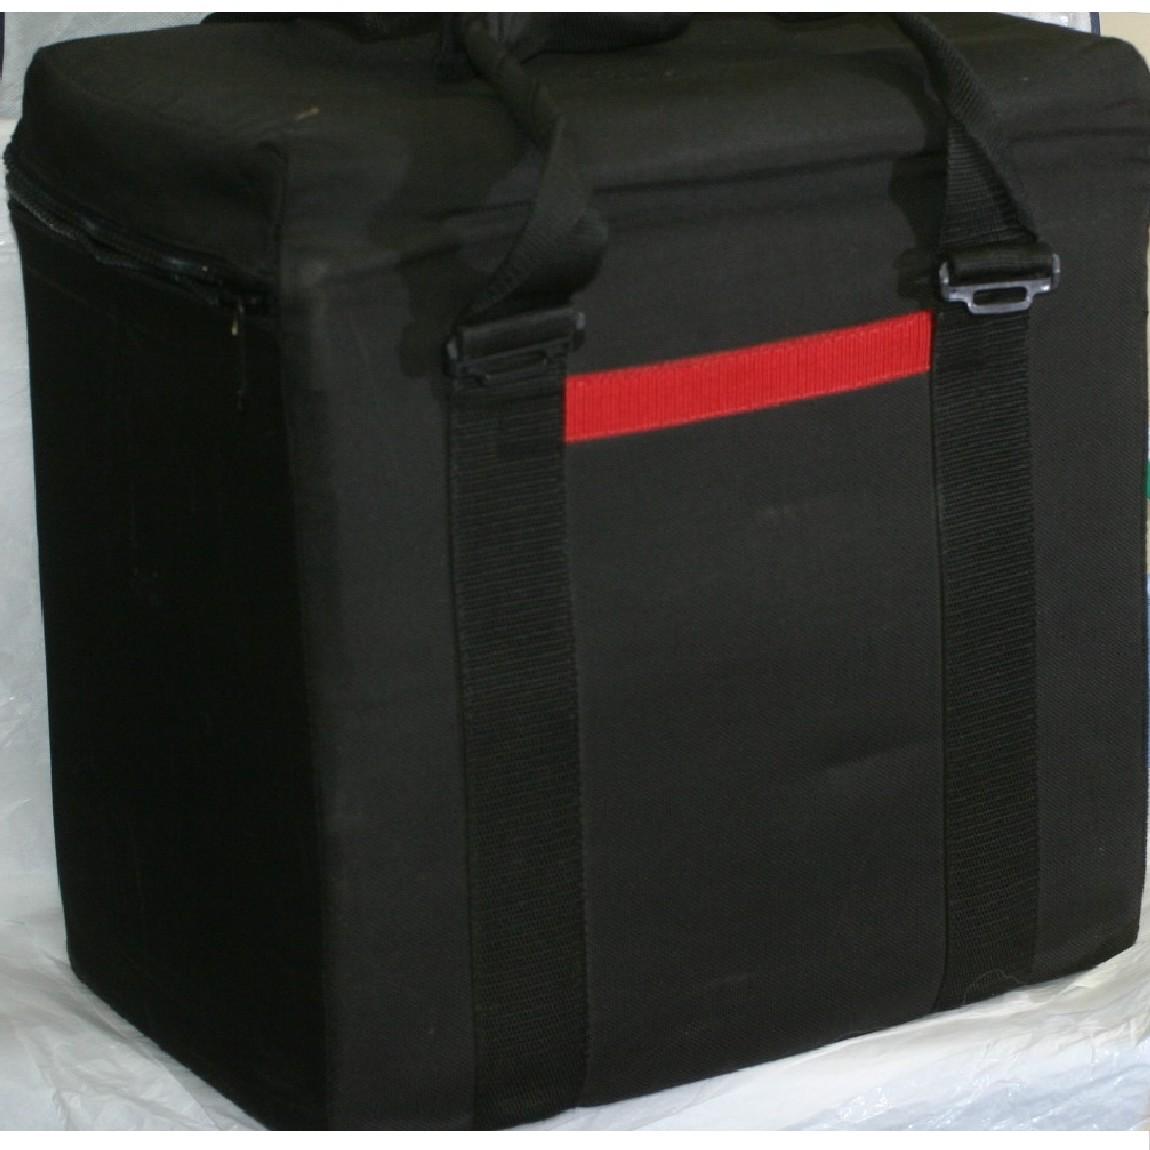 【中古】本物可プロカメラマンが使用していたソフトタイプの黒いキャンバス素材のケース サイズW42H40D26cmクッション性が優れています